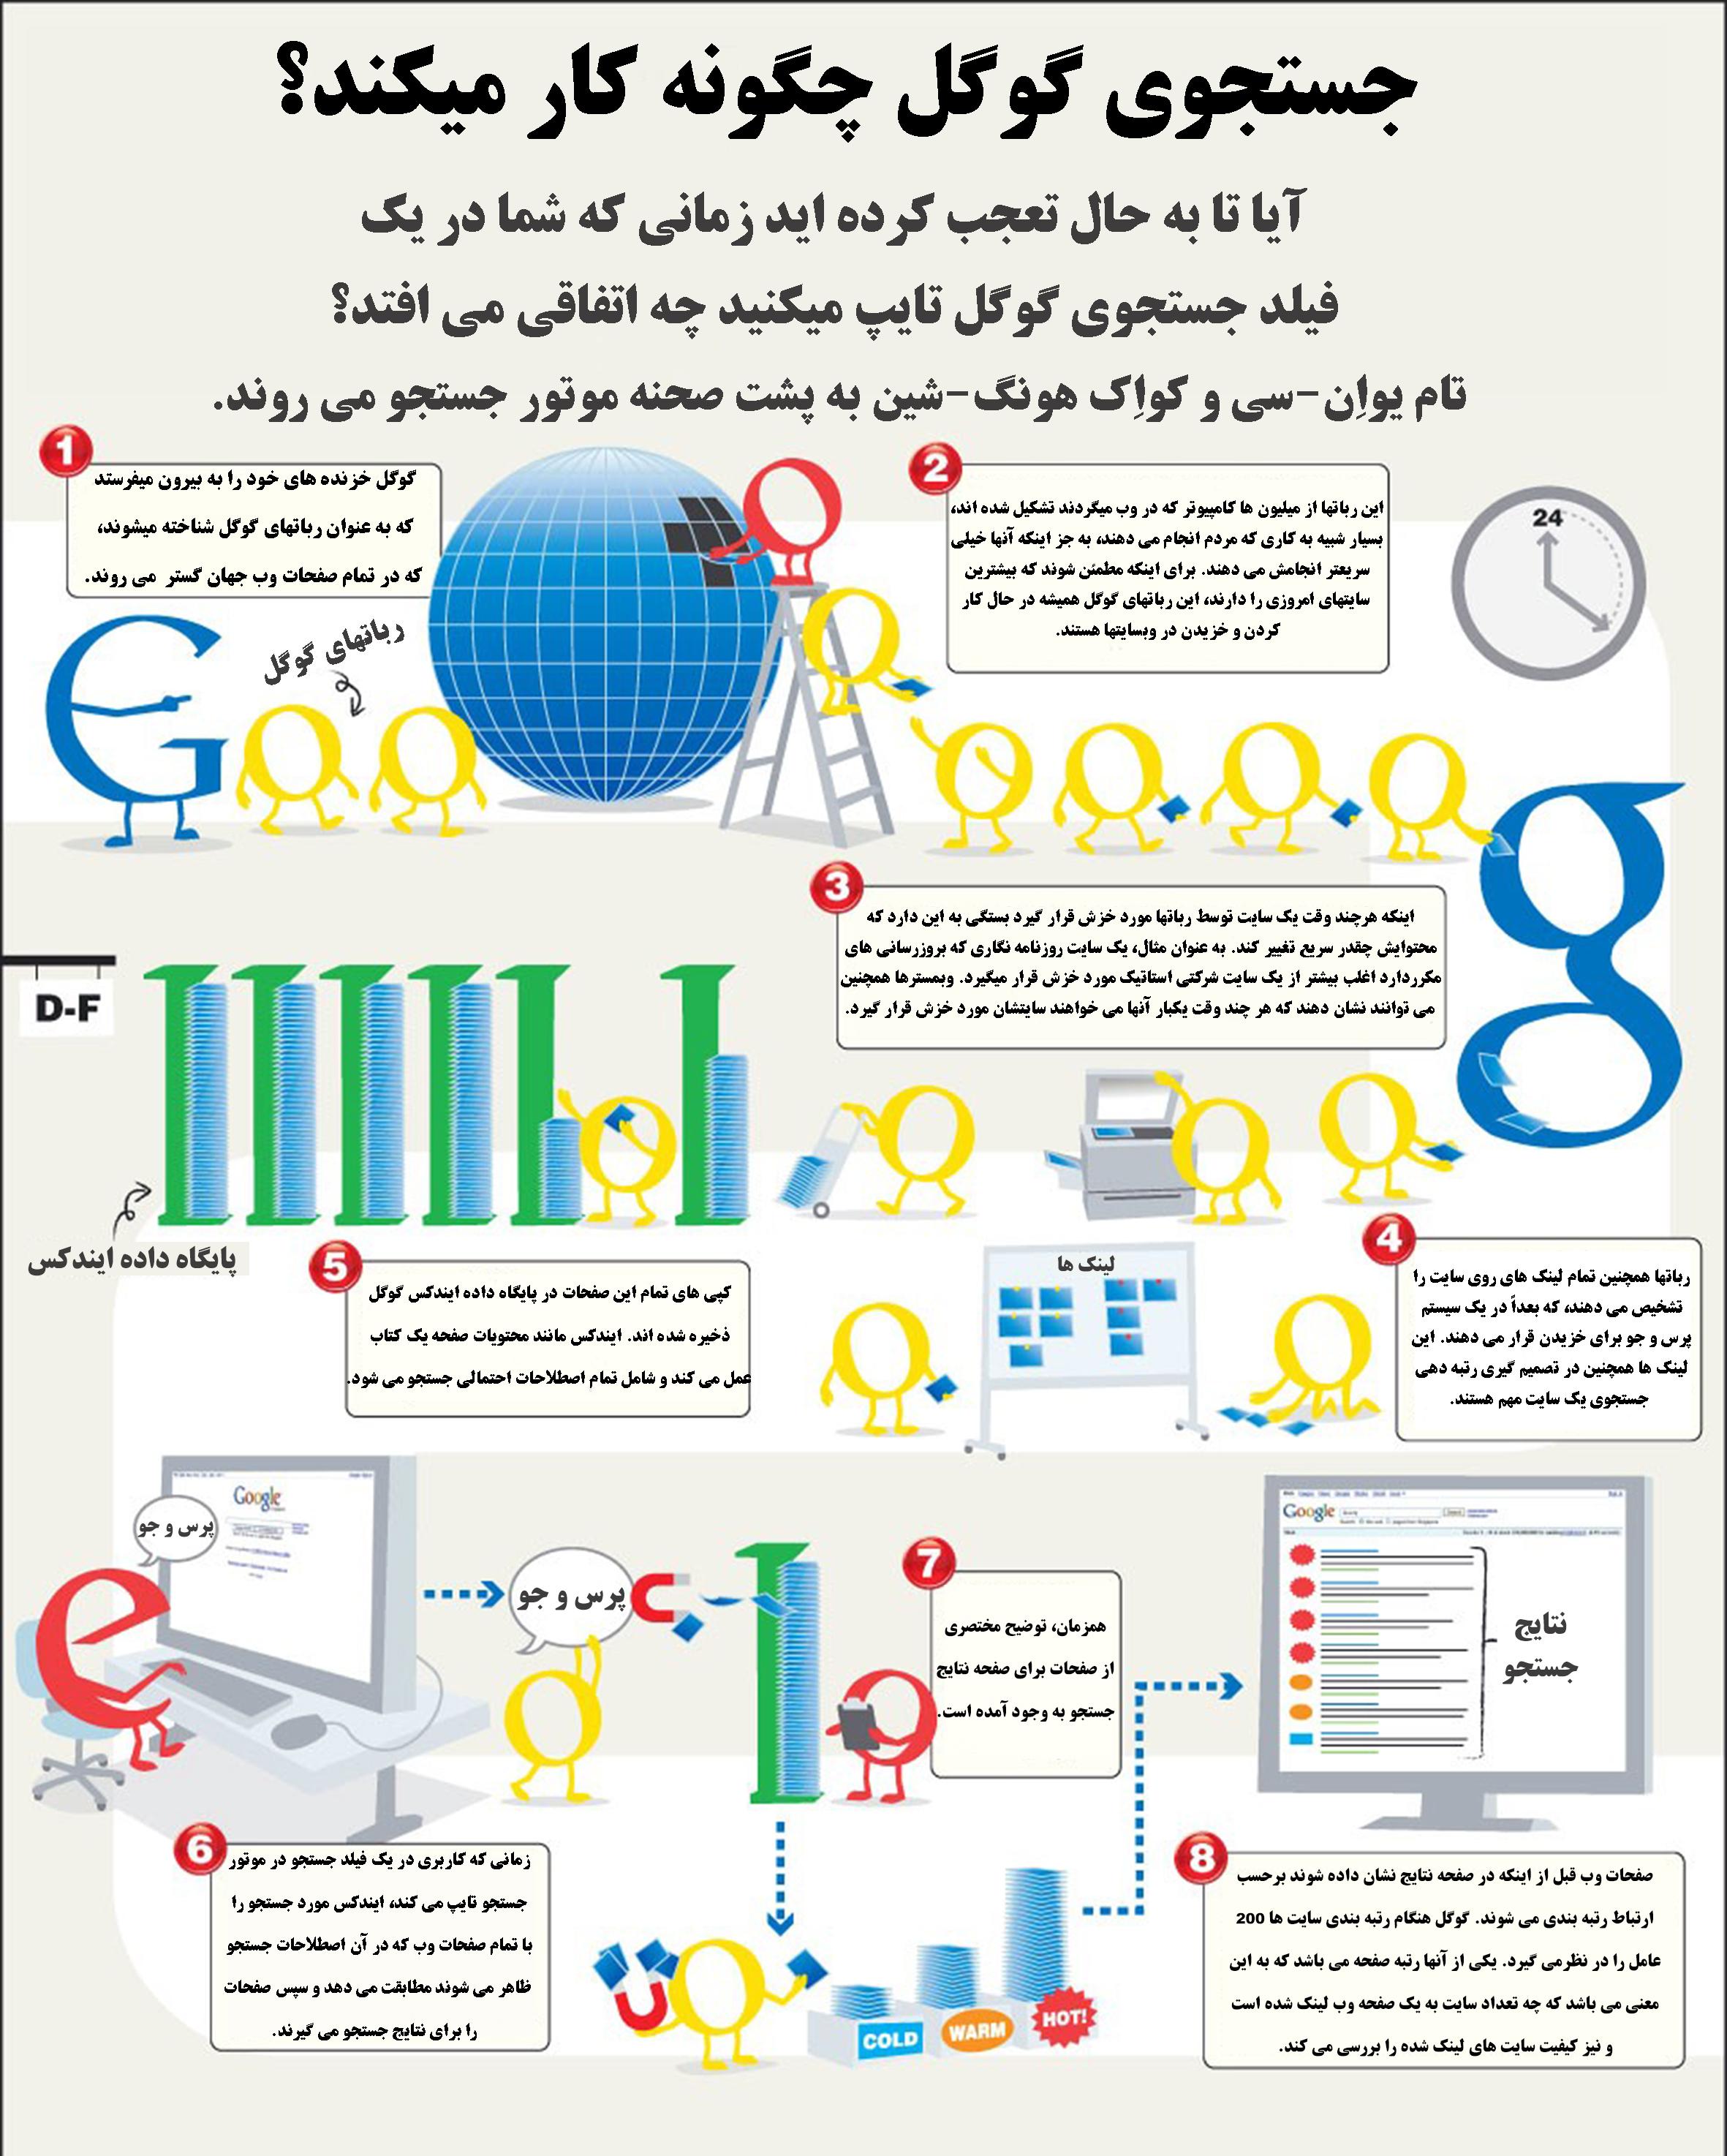 جستجوی گوگل چگونه کار می کند